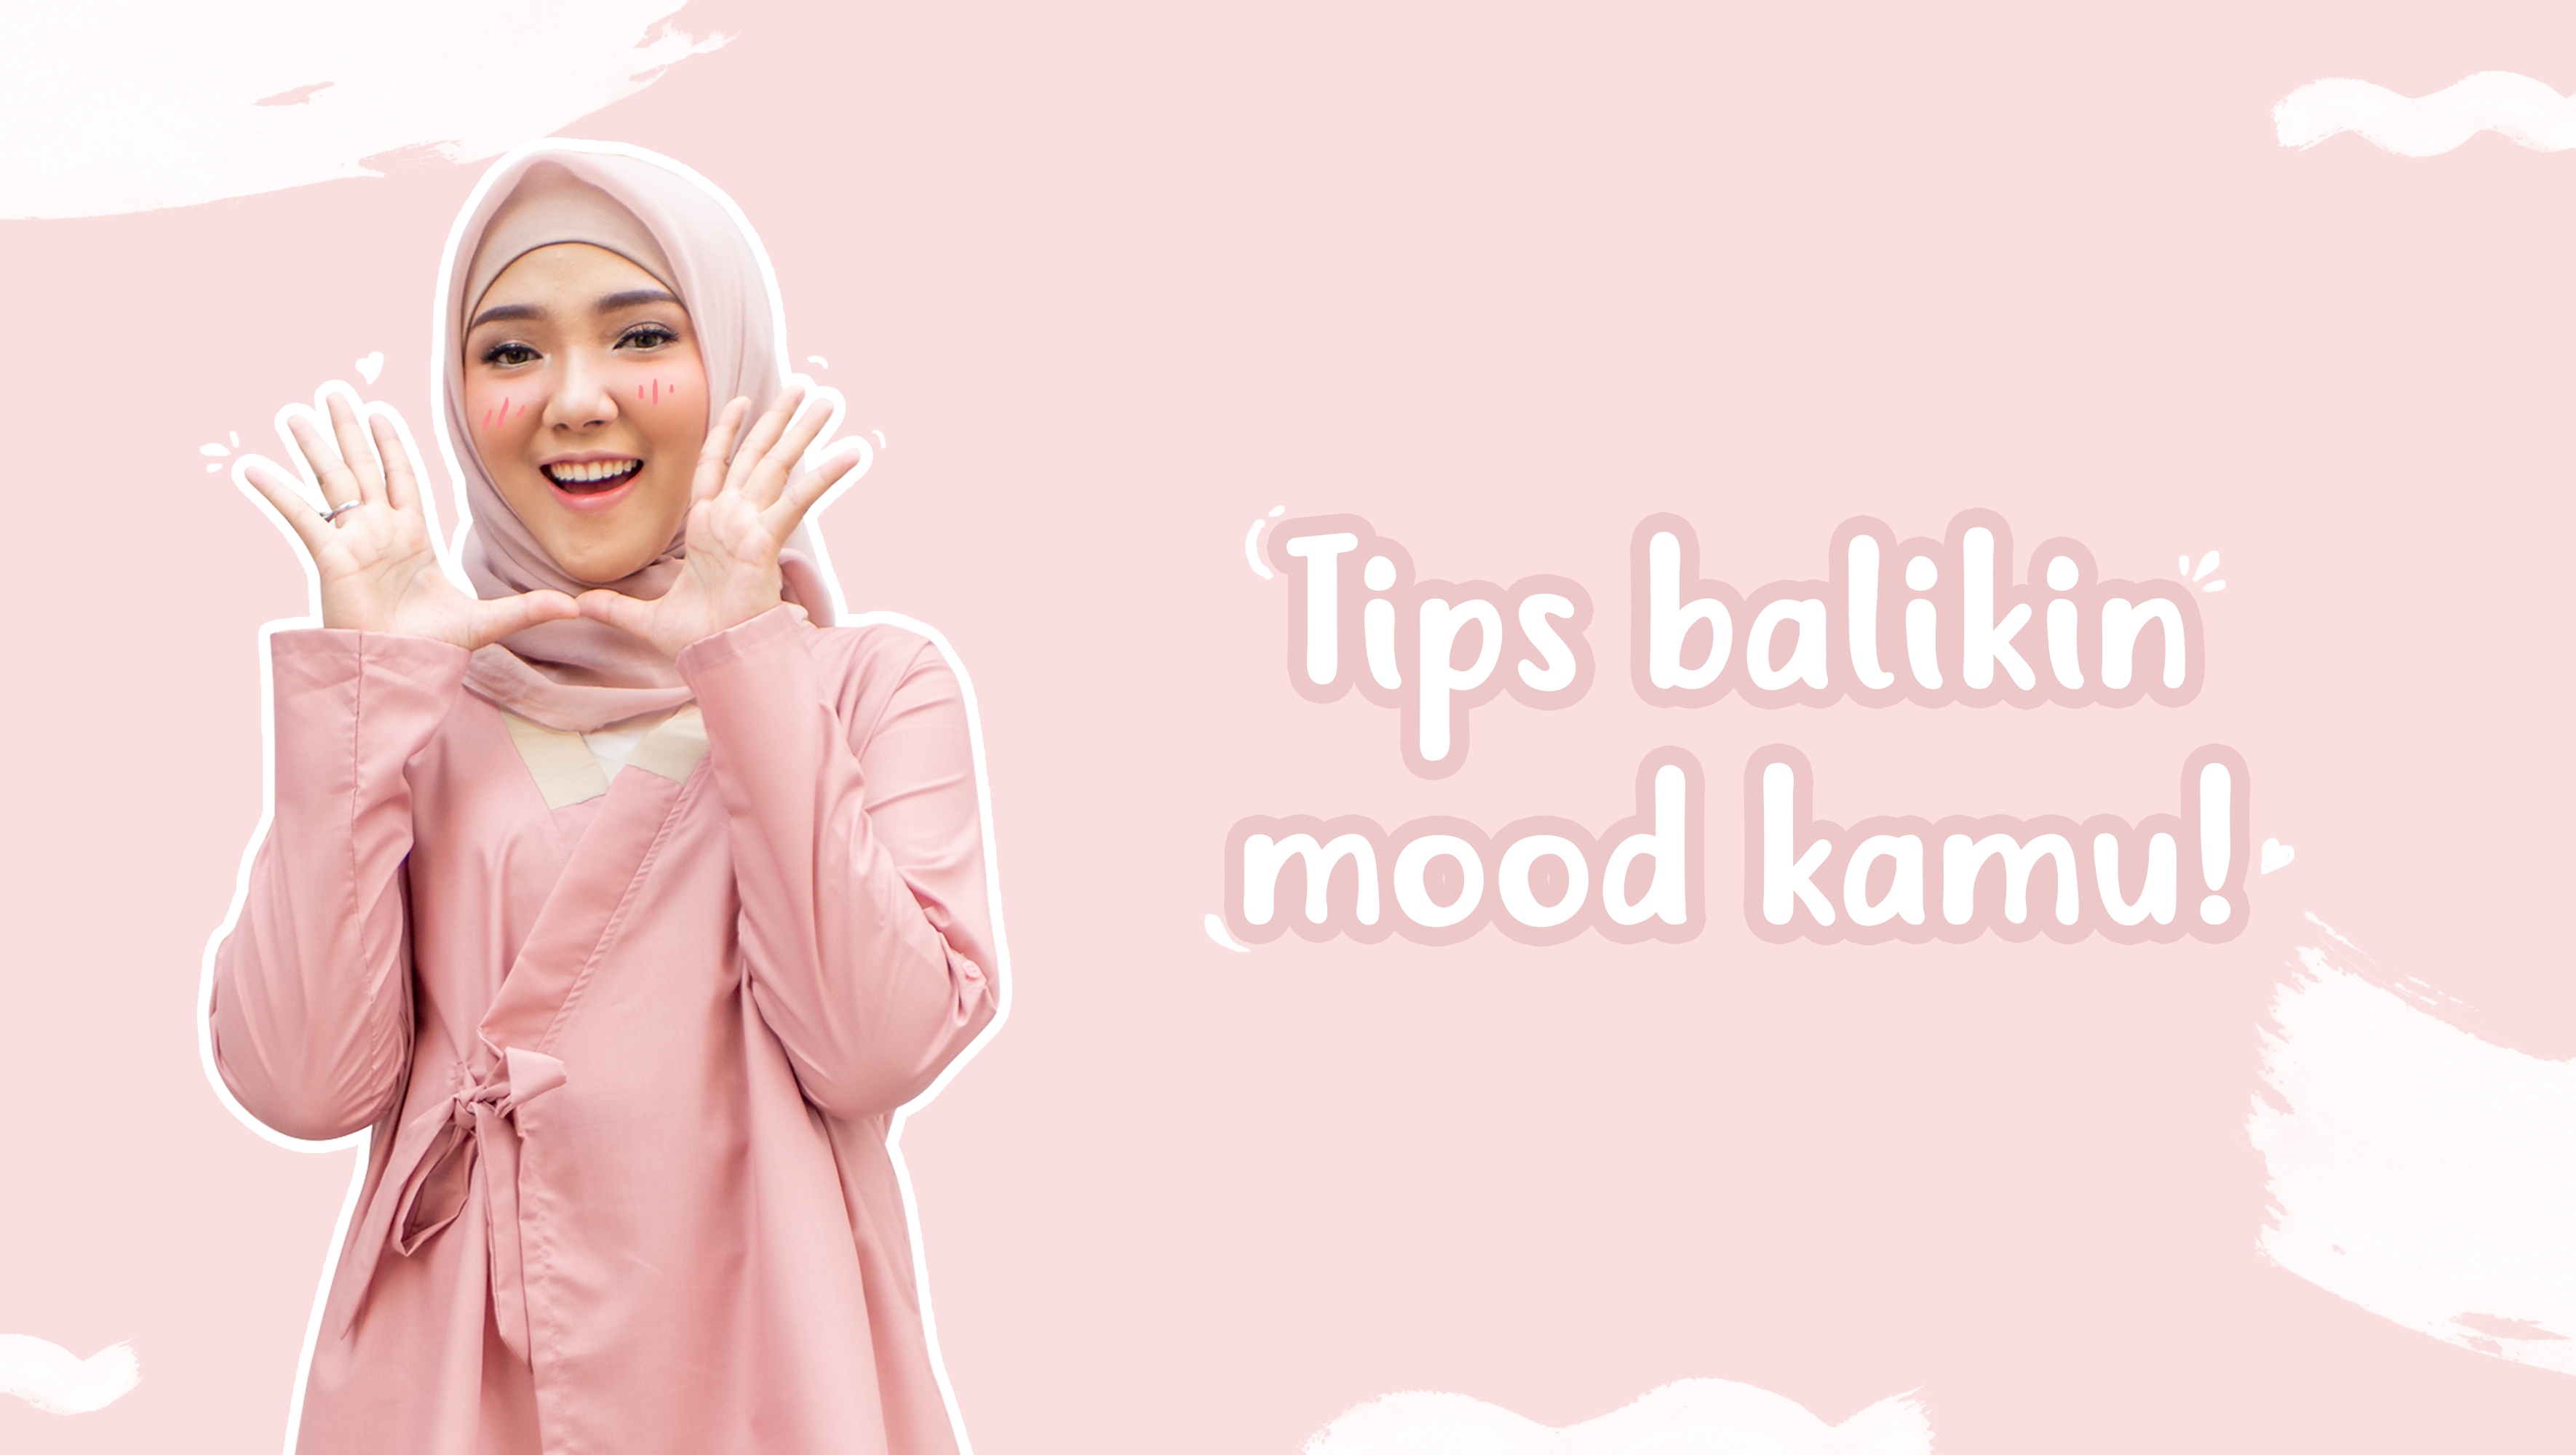 Tips Balikin Mood Kamu image